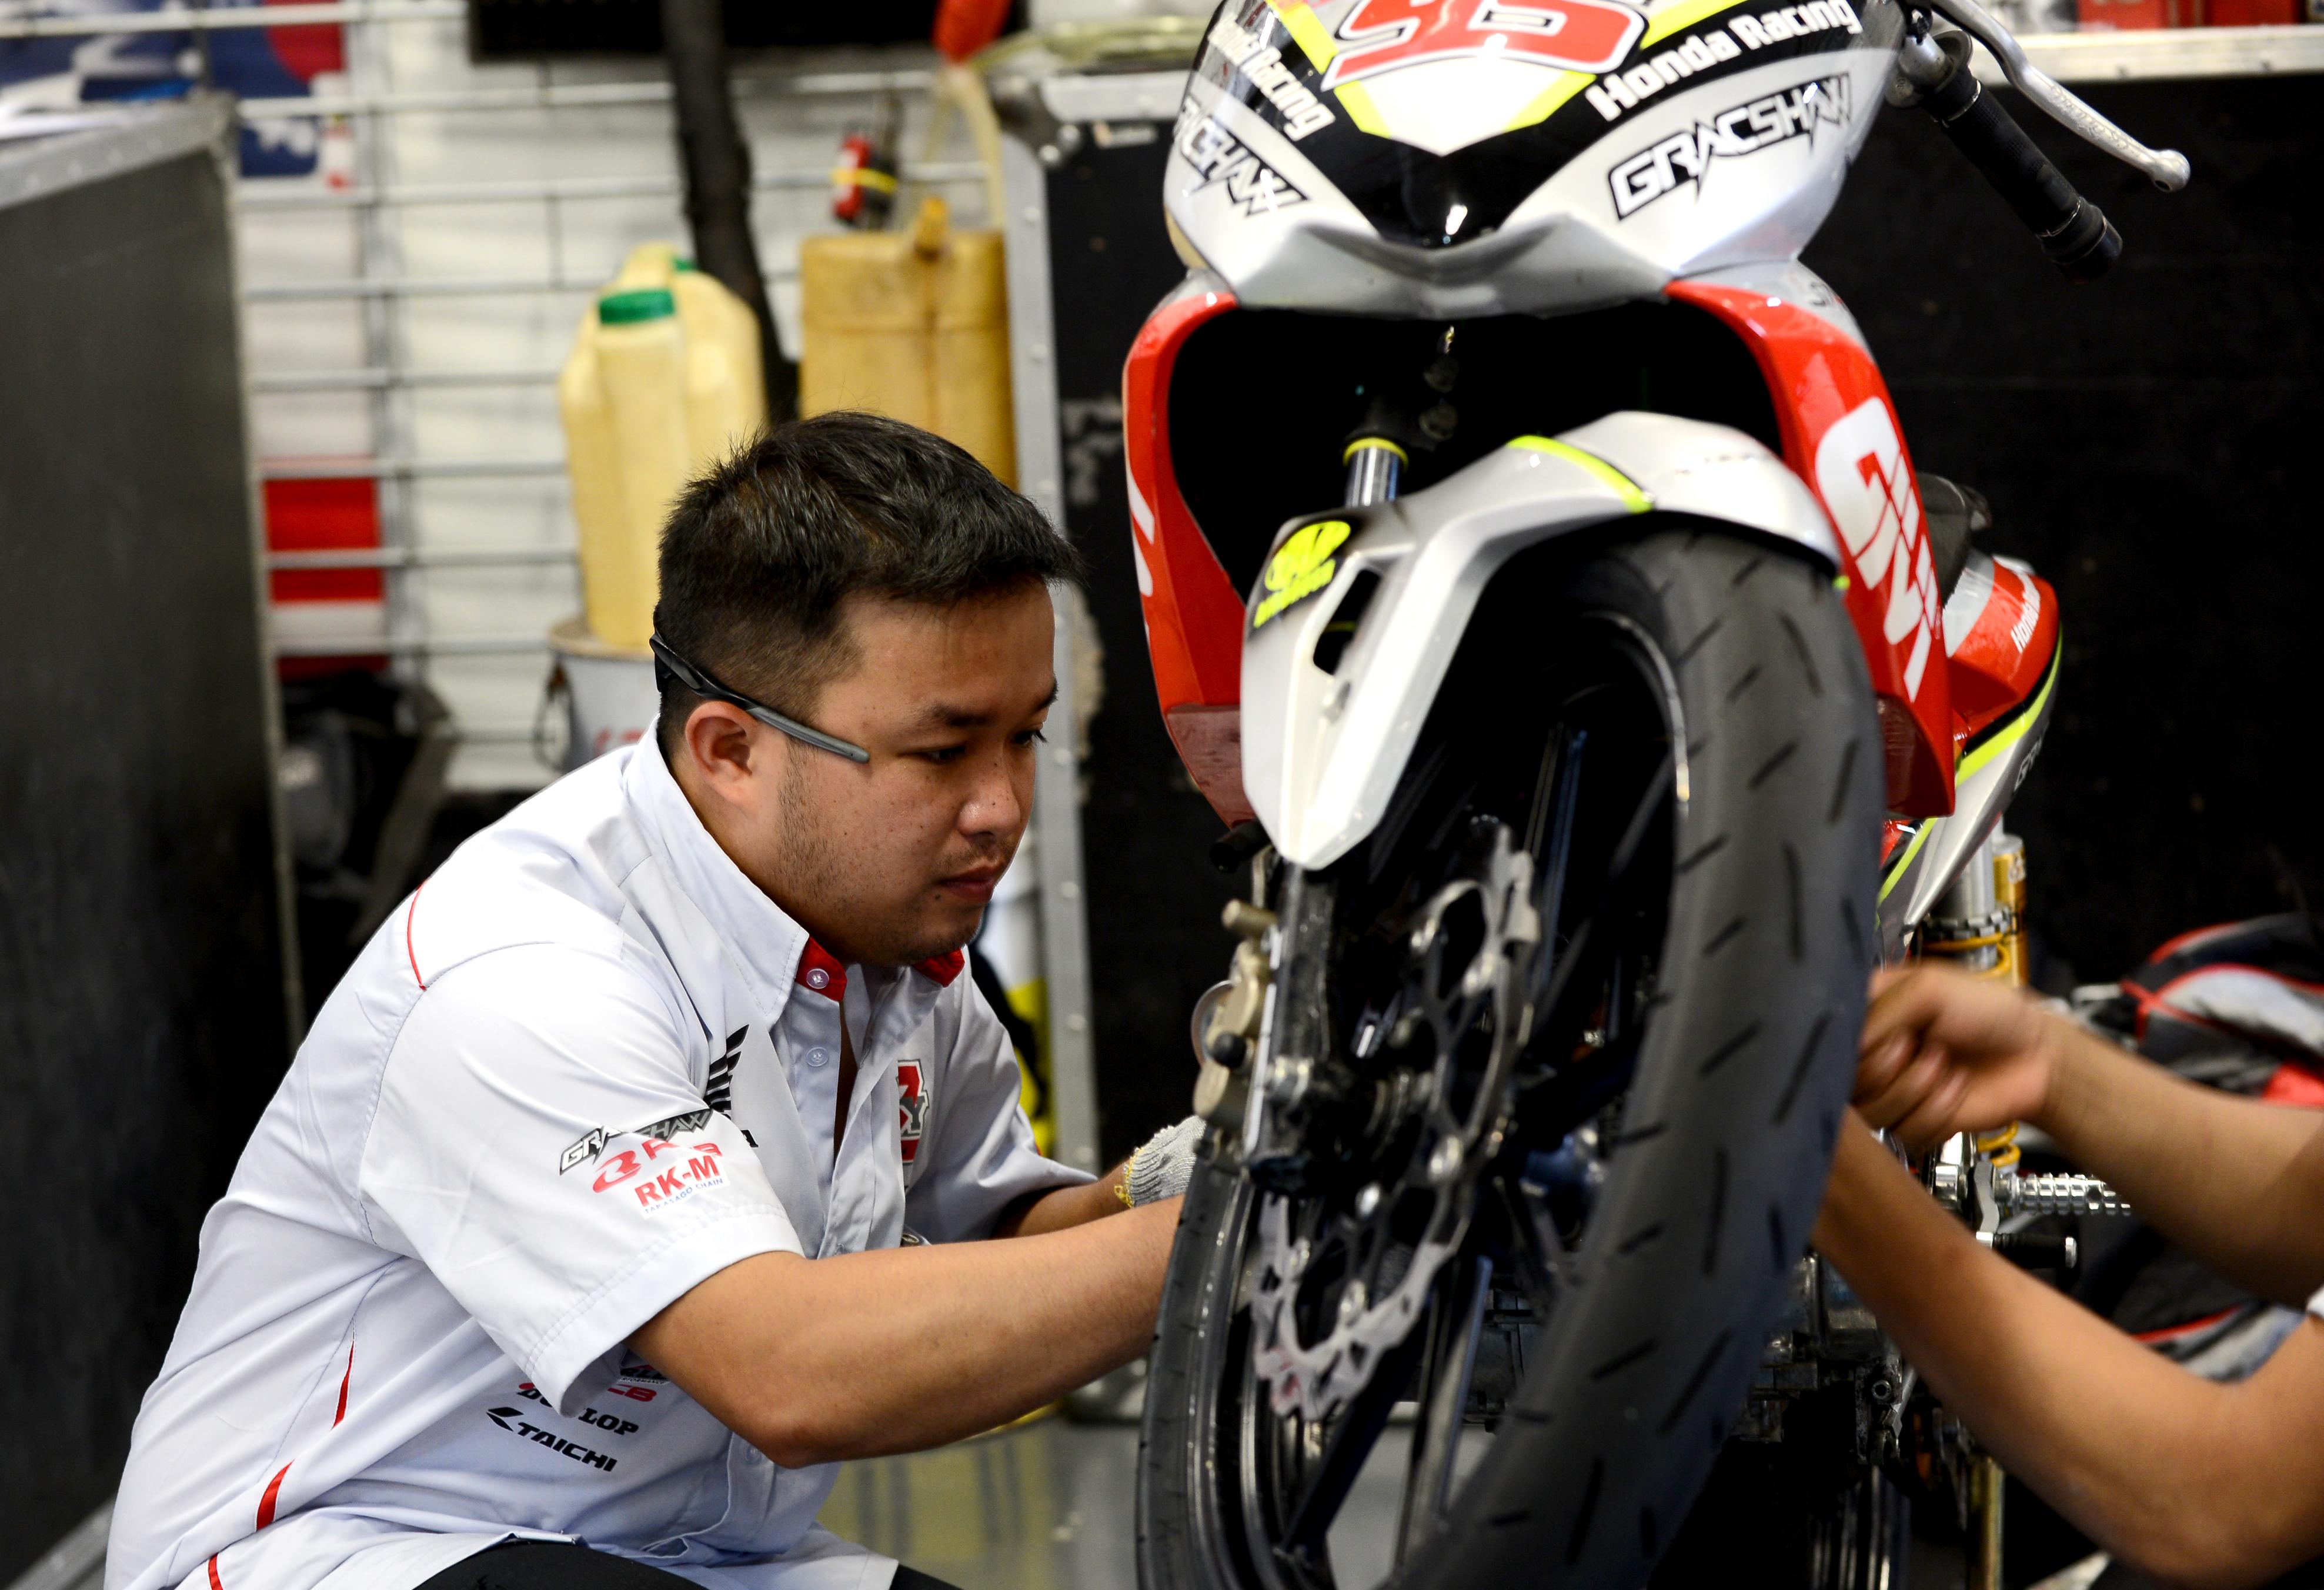 Đội kỹ thuật Honda kiểm tra kỹ thuật trước vòng đua